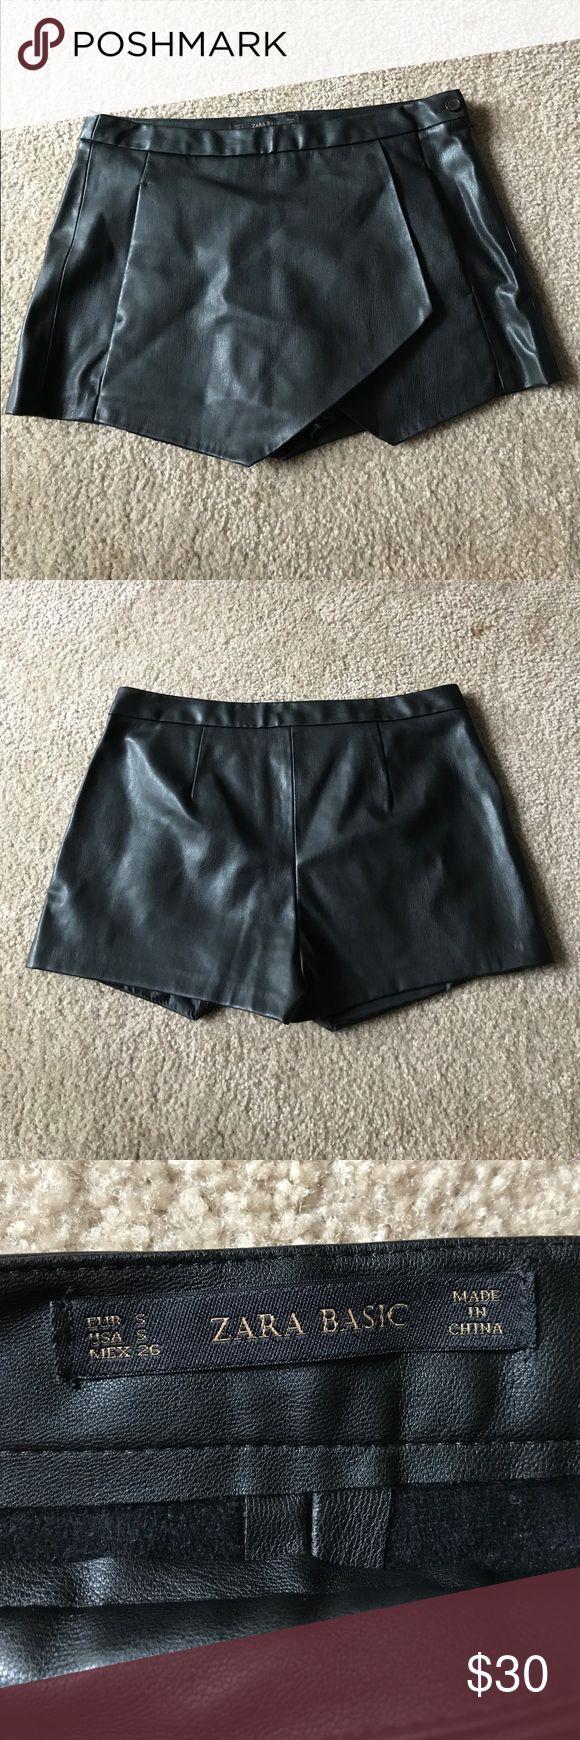 Zara Basic Asymmetrical Black Faux Leather Shorts Zara Basic black Asymmetrical shorts. 100% polyurethane faux leather. Zara Shorts